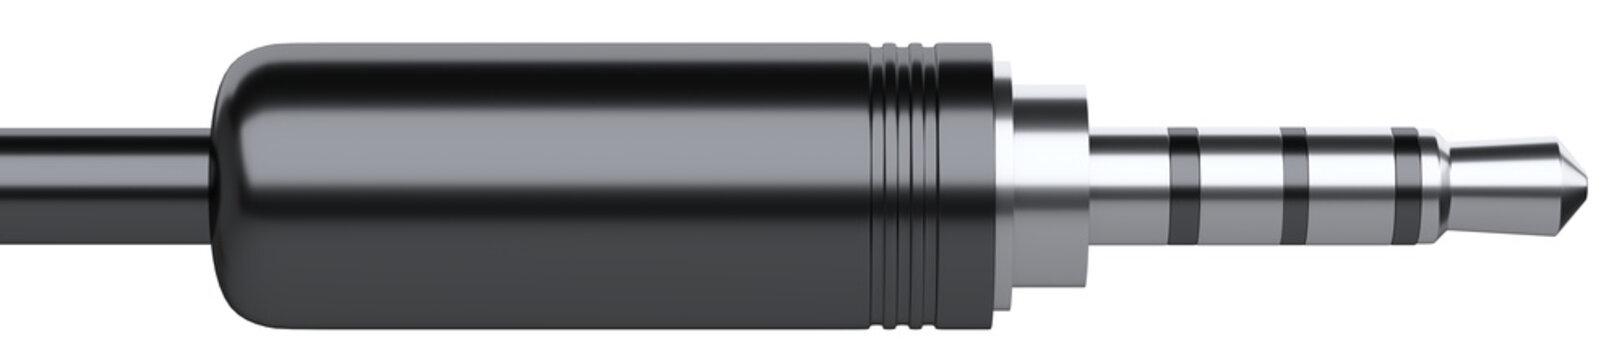 Black 3.5 mm audio stereo mini jack plug for headphones.